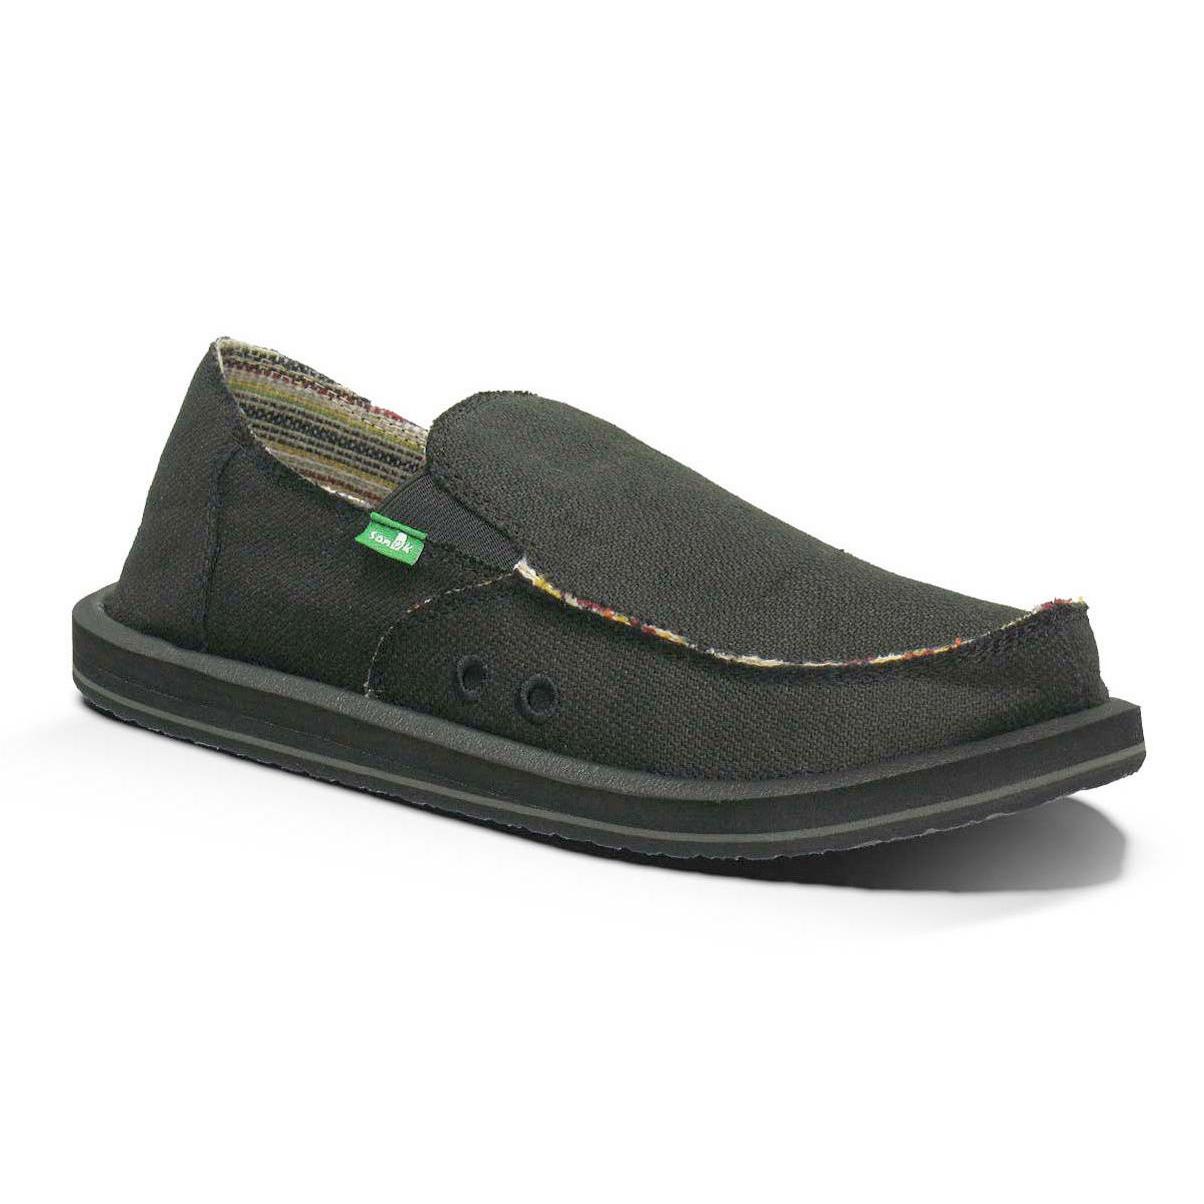 Ebay Sanuk Mens Shoes